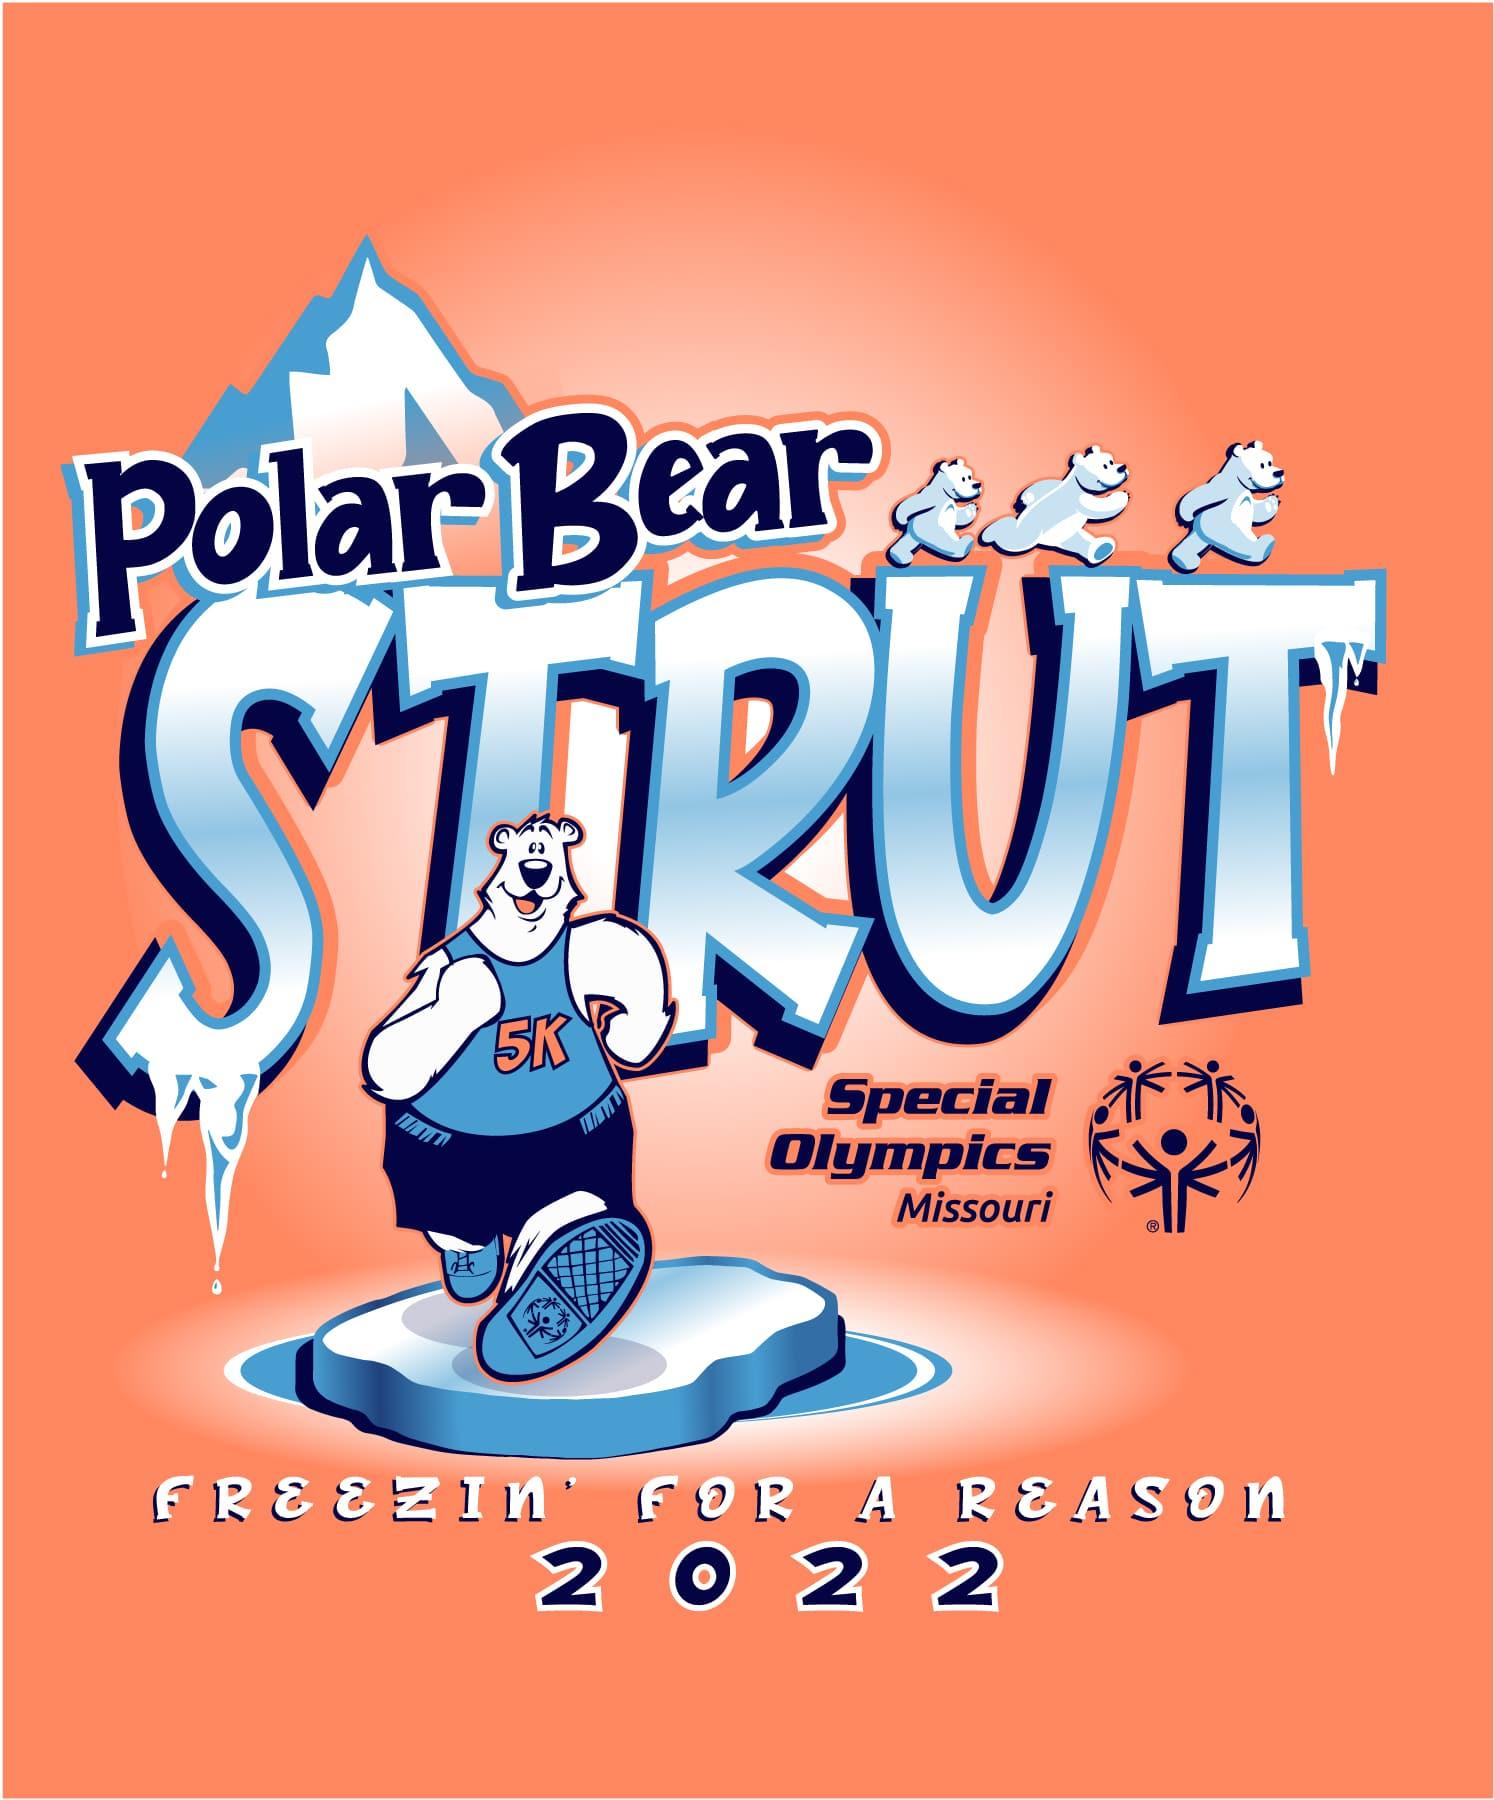 2022 Polar Bear Strut logo